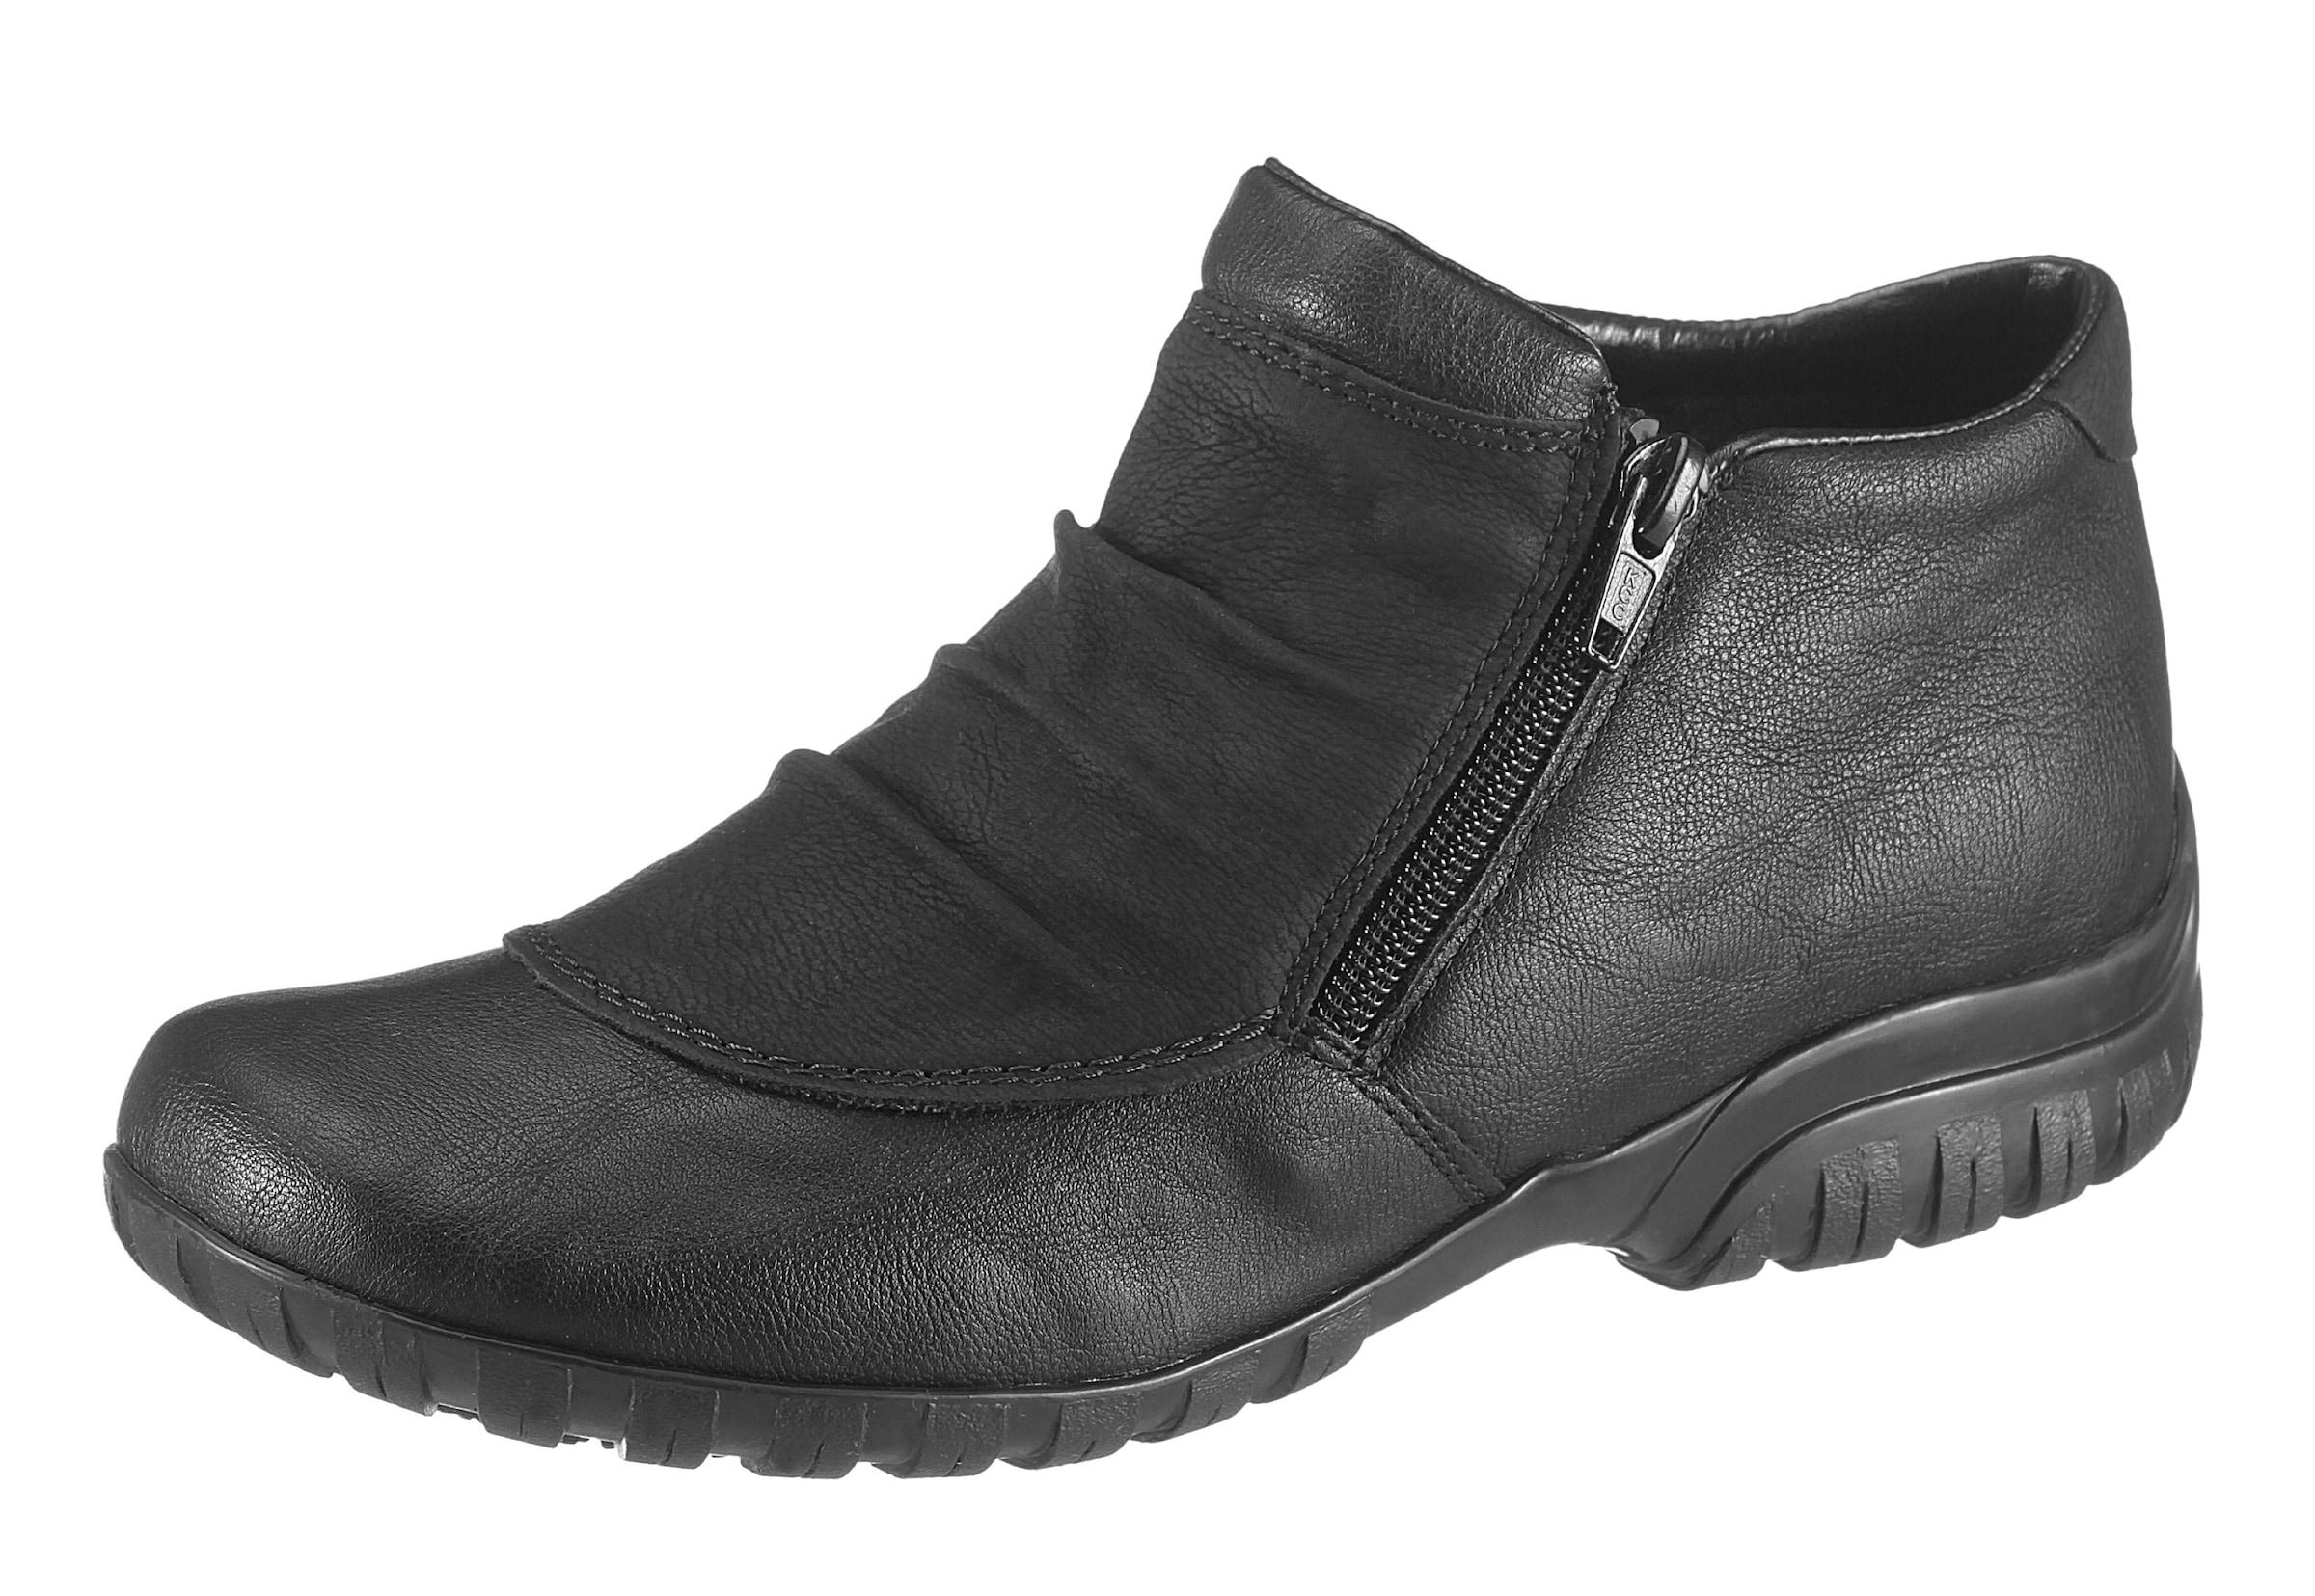 Rieker Stiefel im sportlichen Design per Rechnung | lohnt Gutes Preis-Leistungs-Verhältnis, es lohnt | sich e418e1